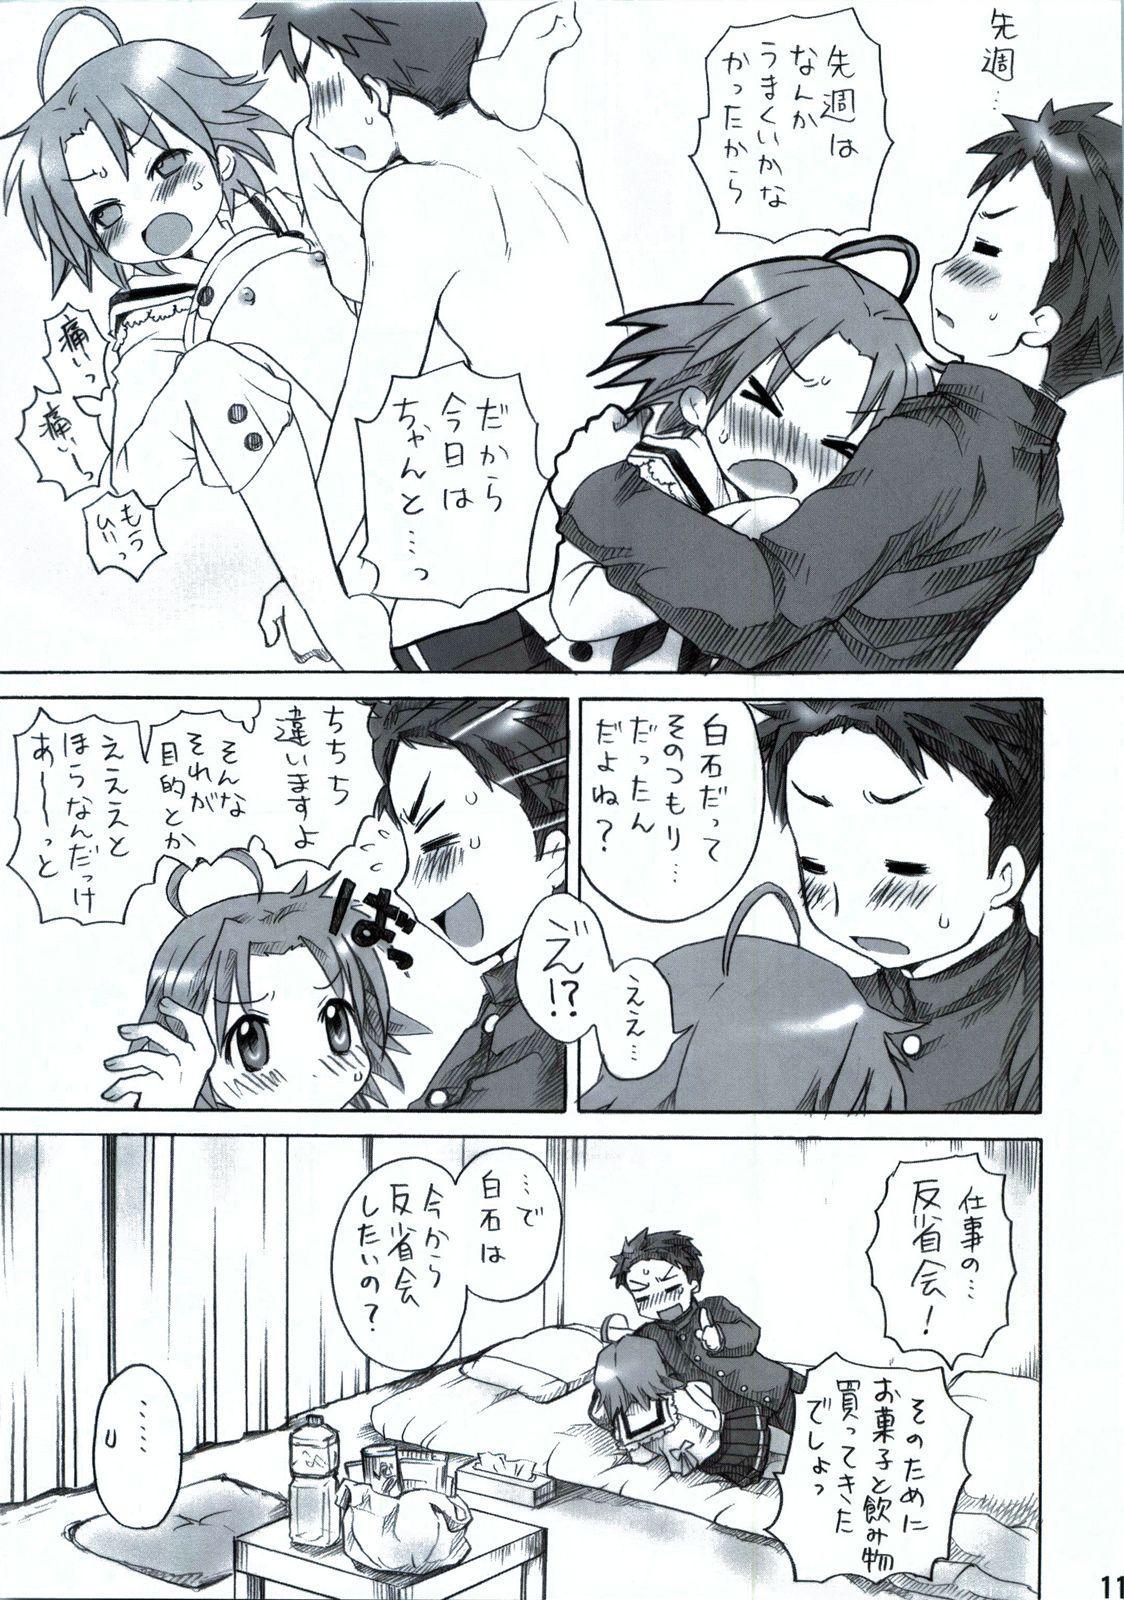 Akira to Minoru no! 11